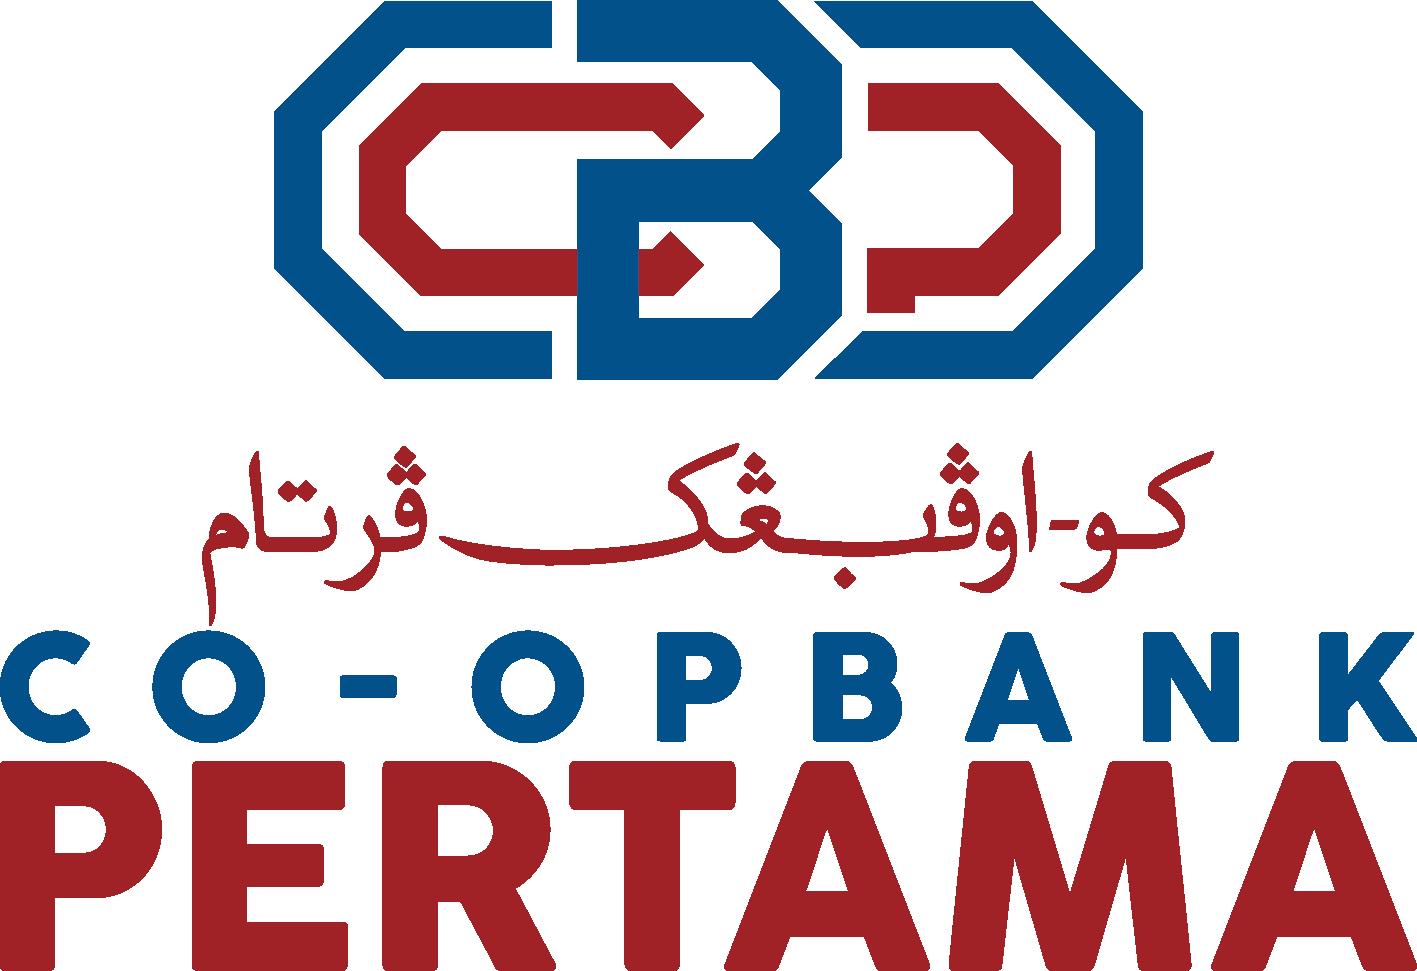 CBP Personal Financing-i Lestari